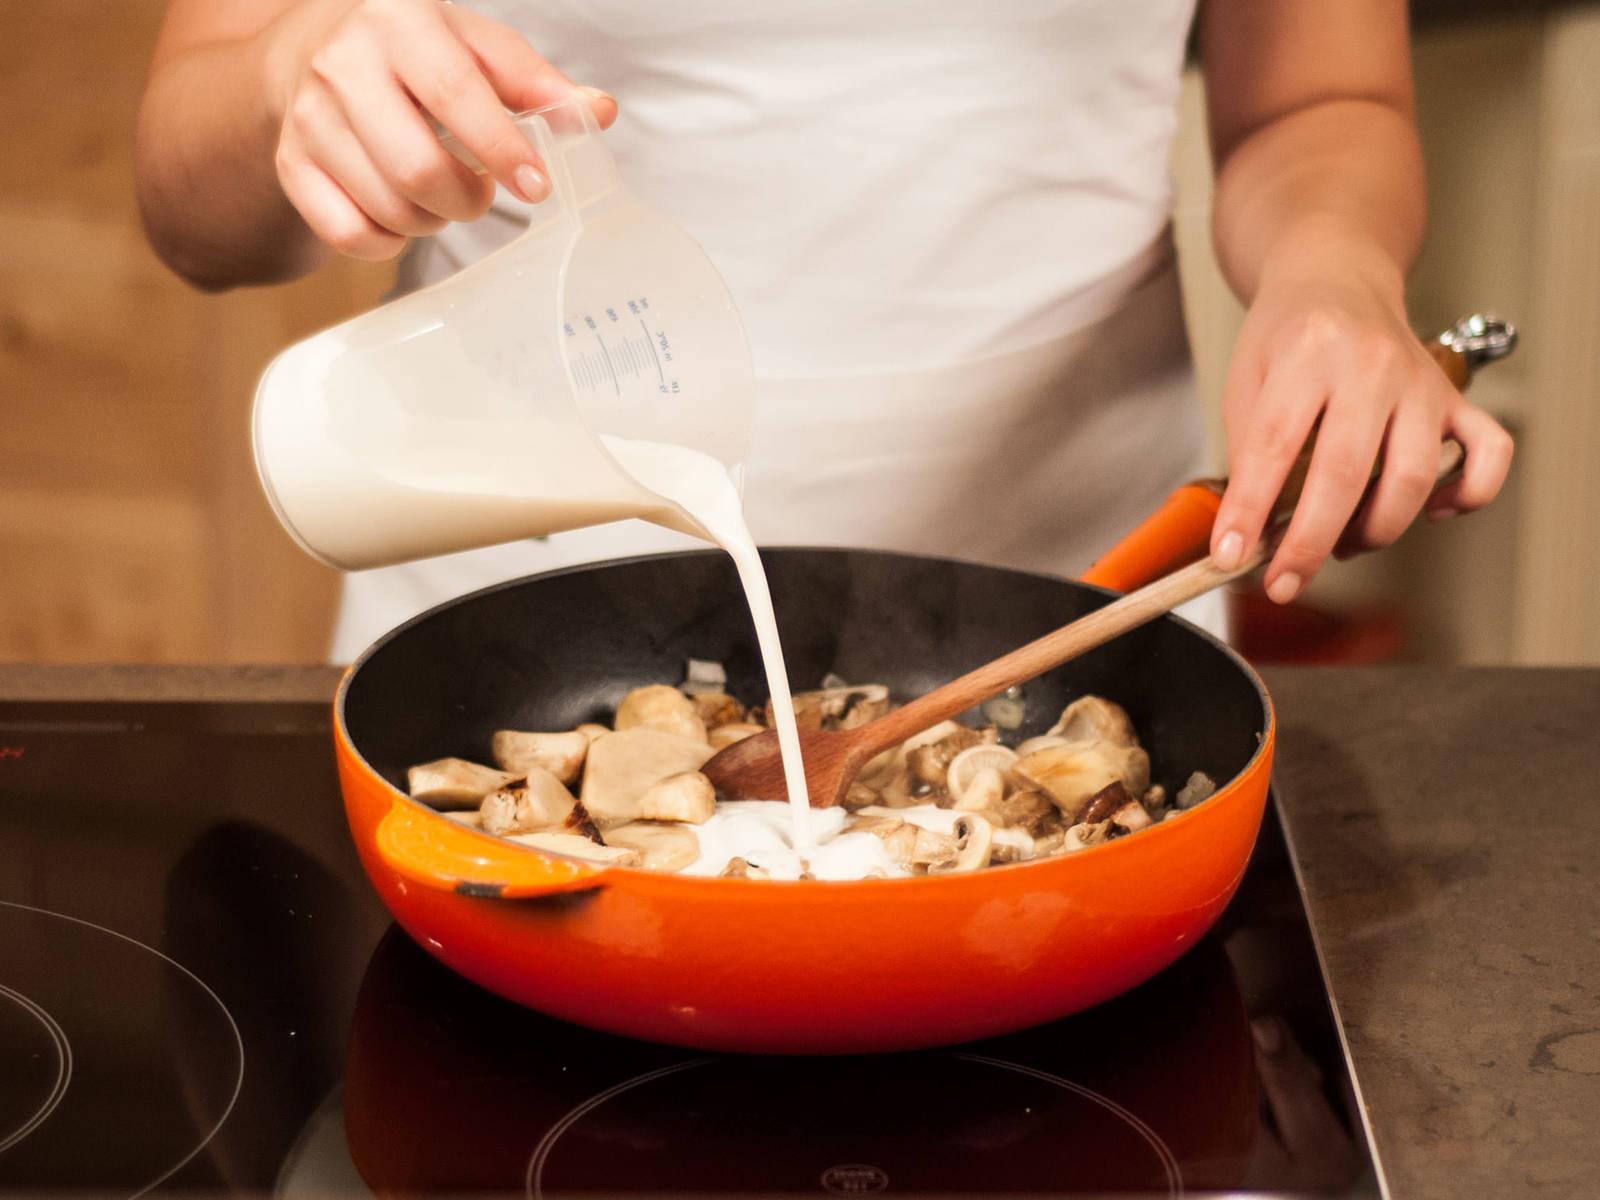 Gemüsebrühe und Sahne vermengen, in die Pfanne geben und ca. 2 – 3 Min. köcheln lassen. Zitronensaft hinzufügen. Mit Salz, Pfeffer und Zucker abschmecken.